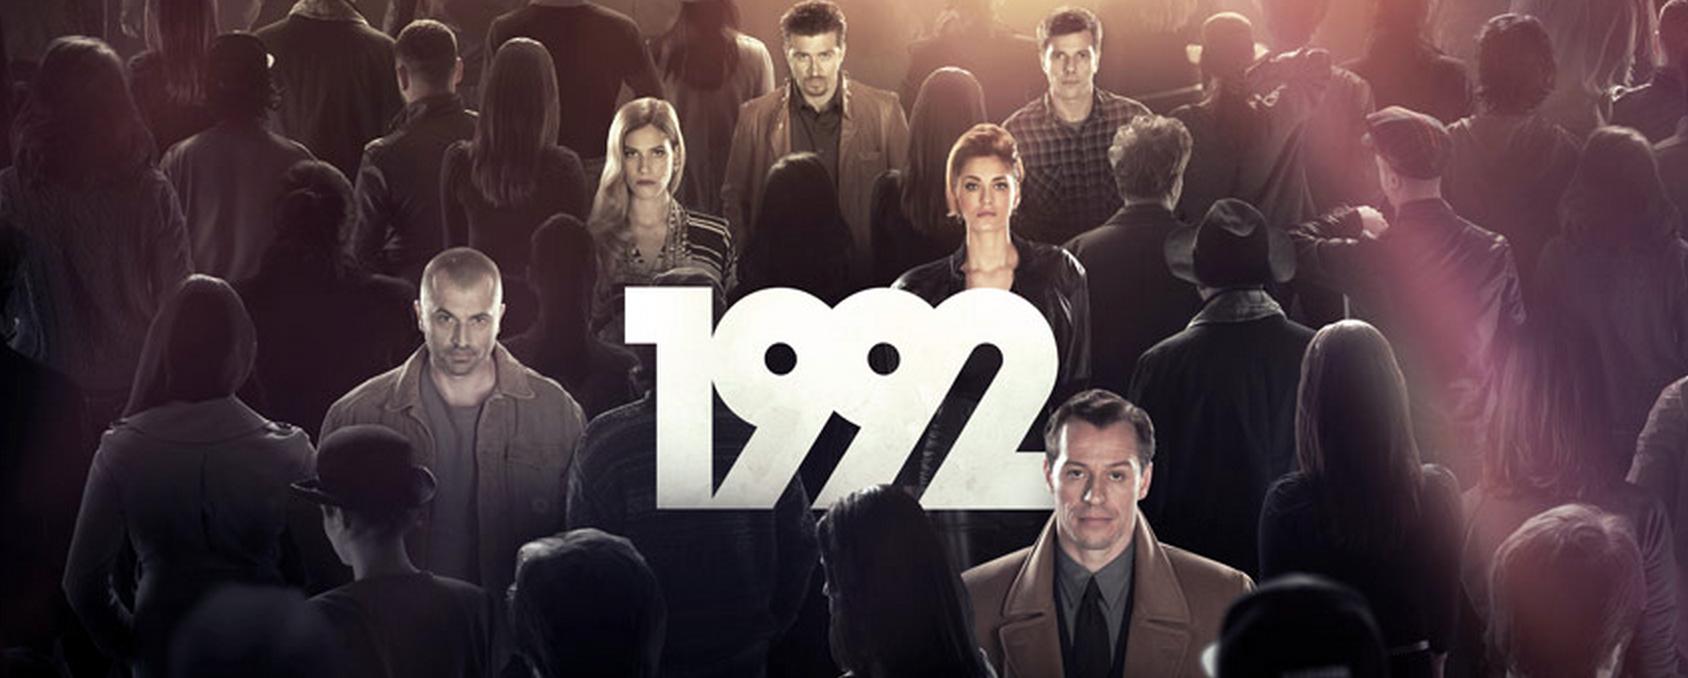 Il cast di 1992